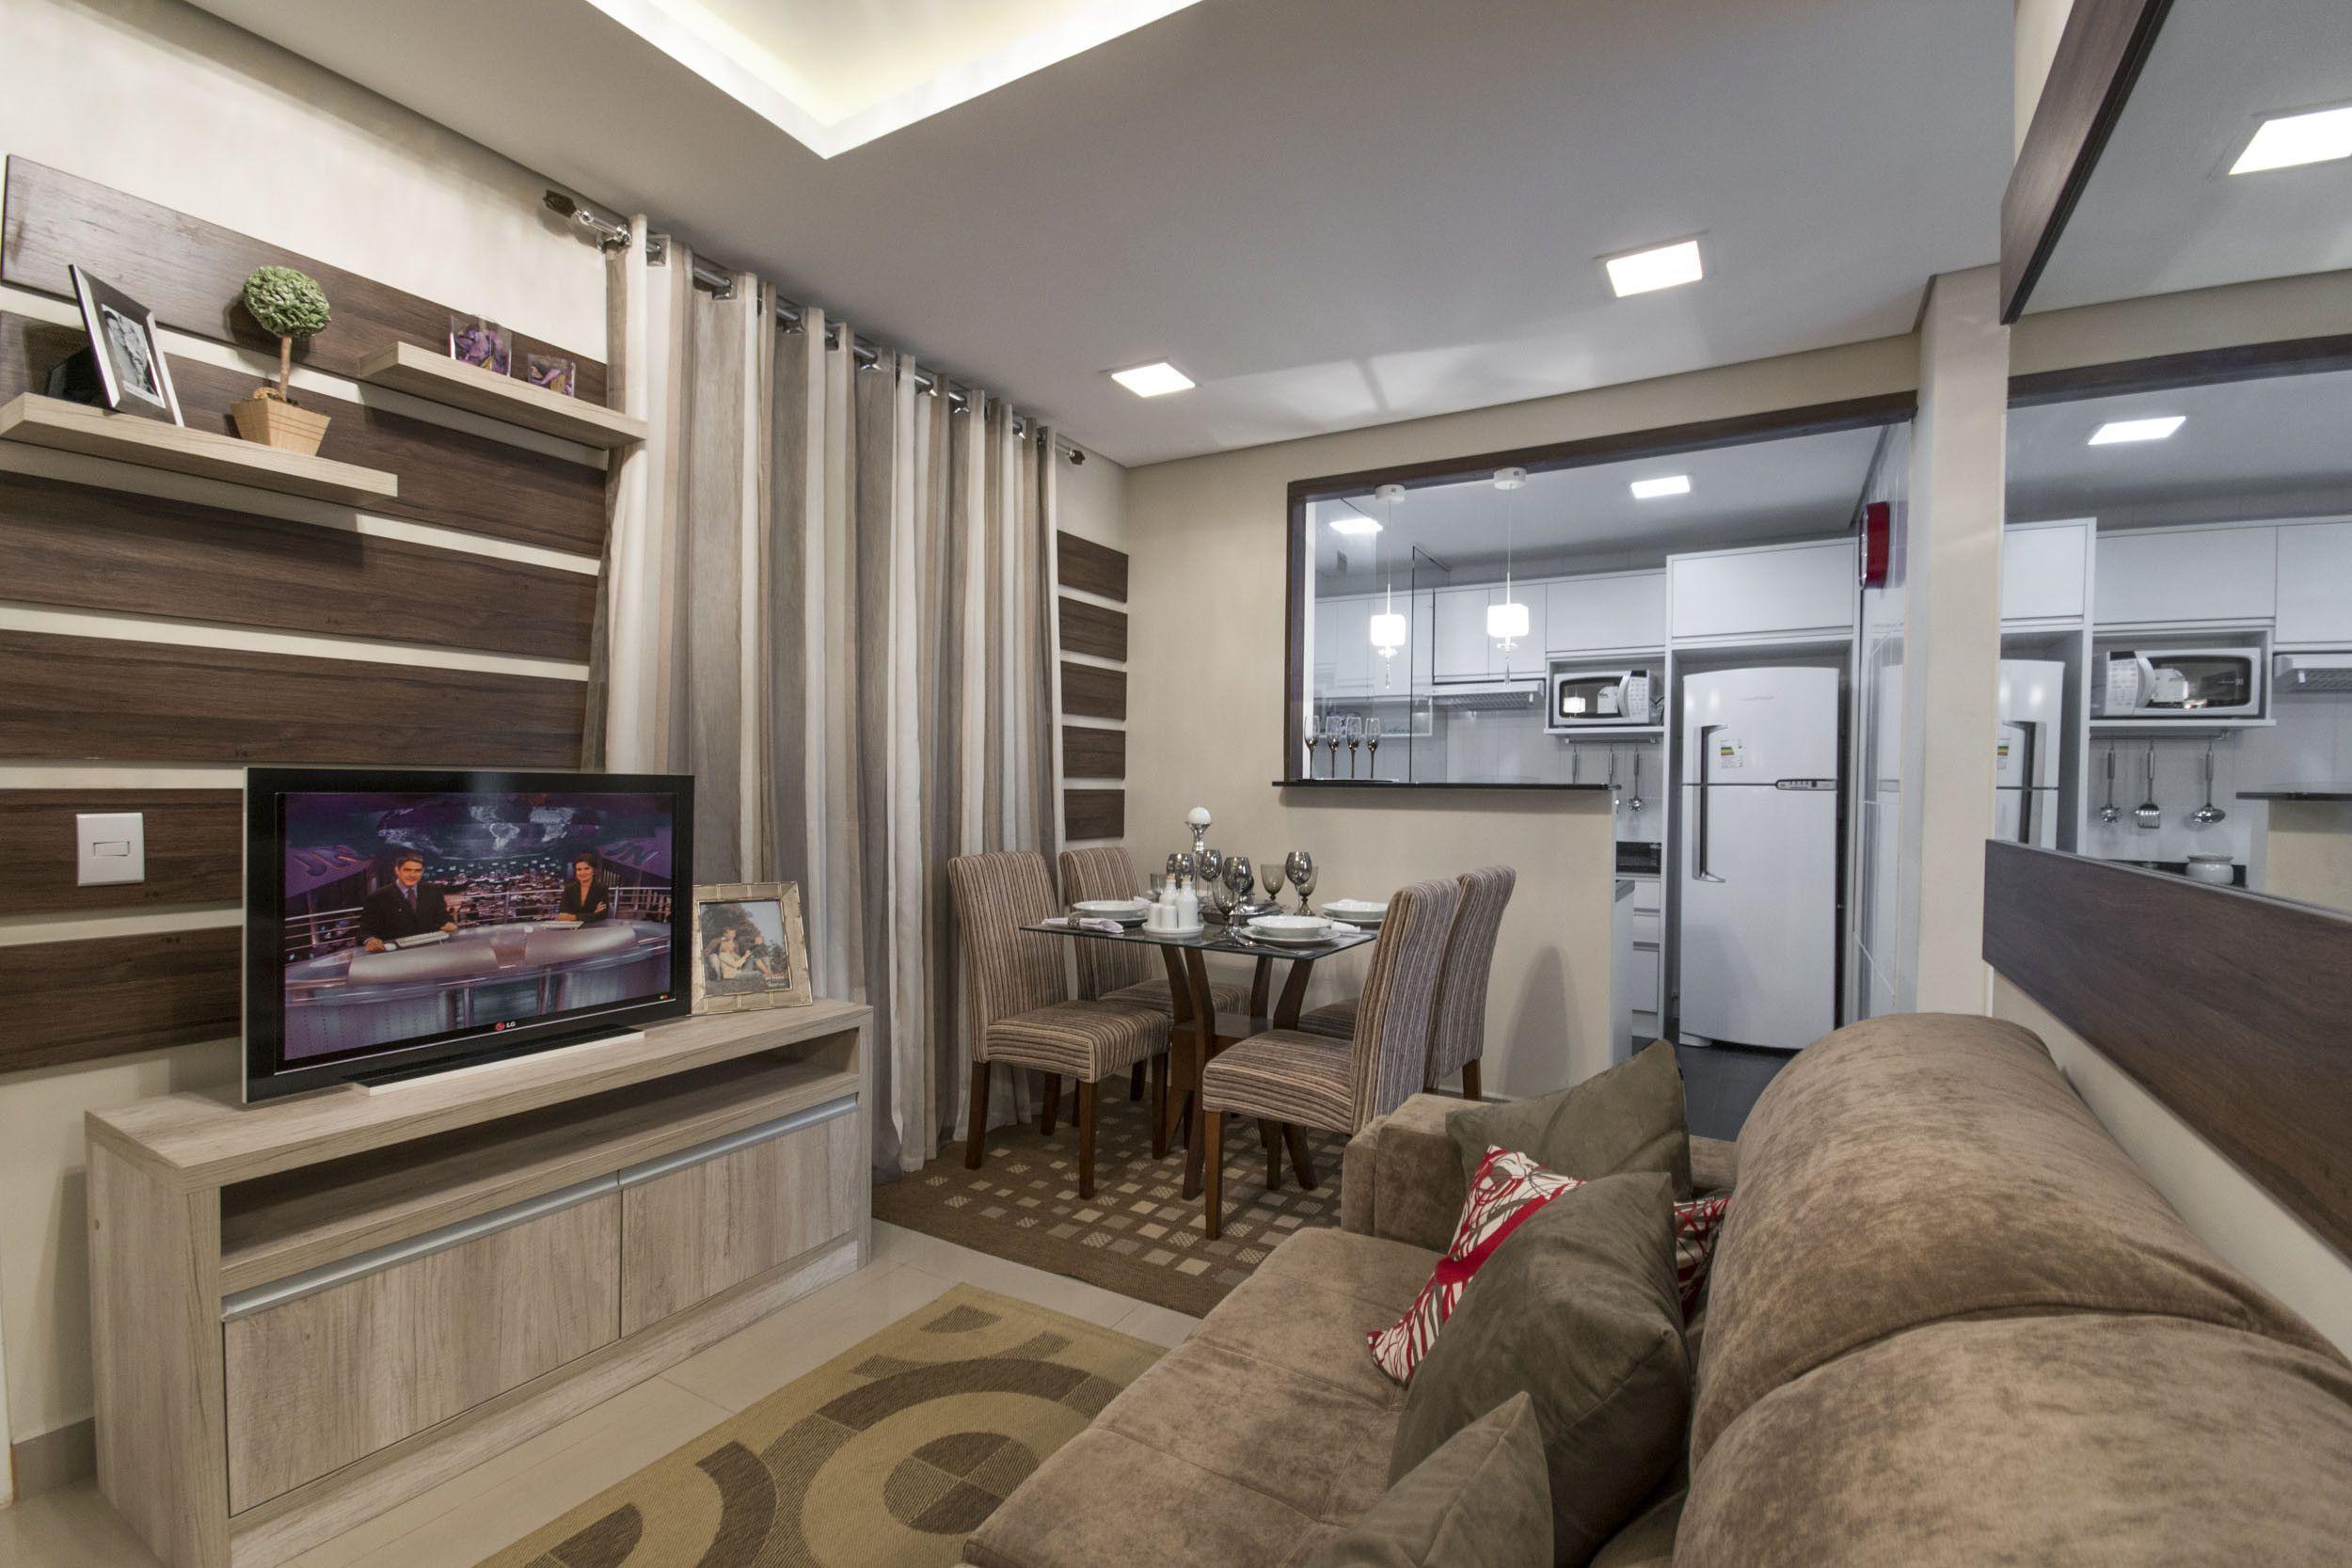 Id Ias De Como Decorar Apartamentos Da Mrv Pesquisa Google  -> Papel De Parede Sala Mrv